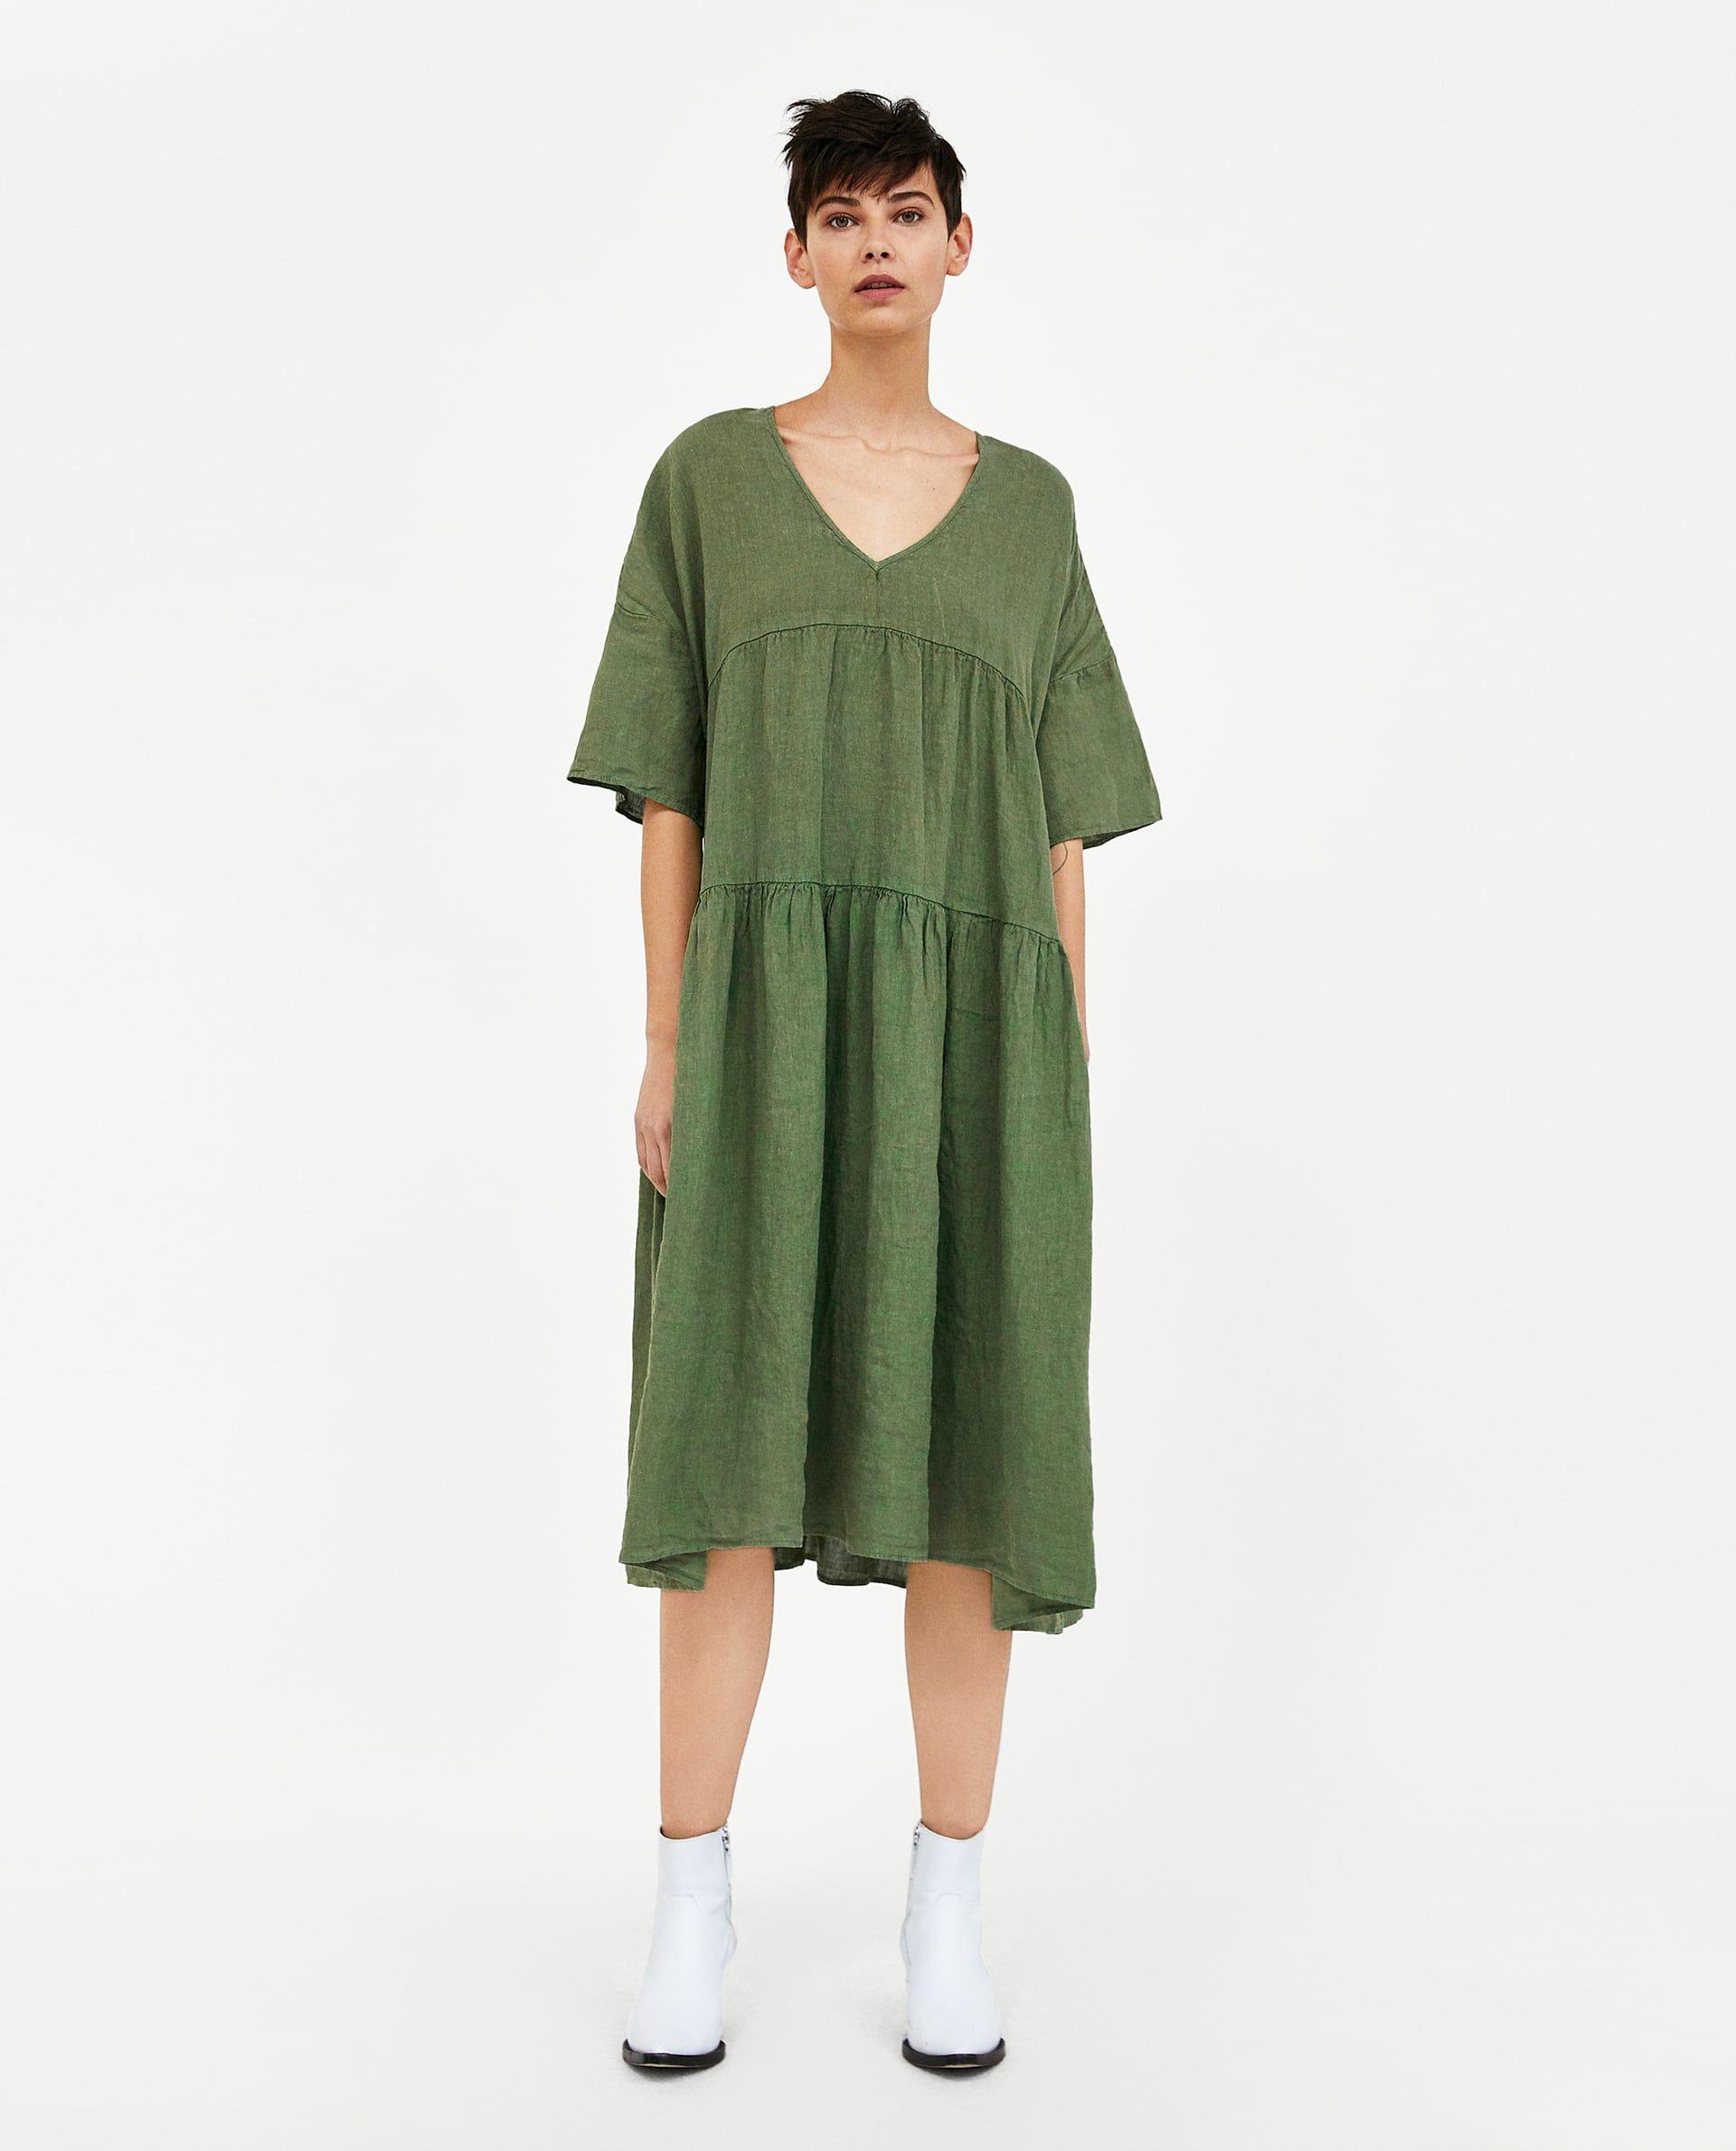 c6a9d425db ZARA - WOMAN - OVERSIZED LINEN DRESS